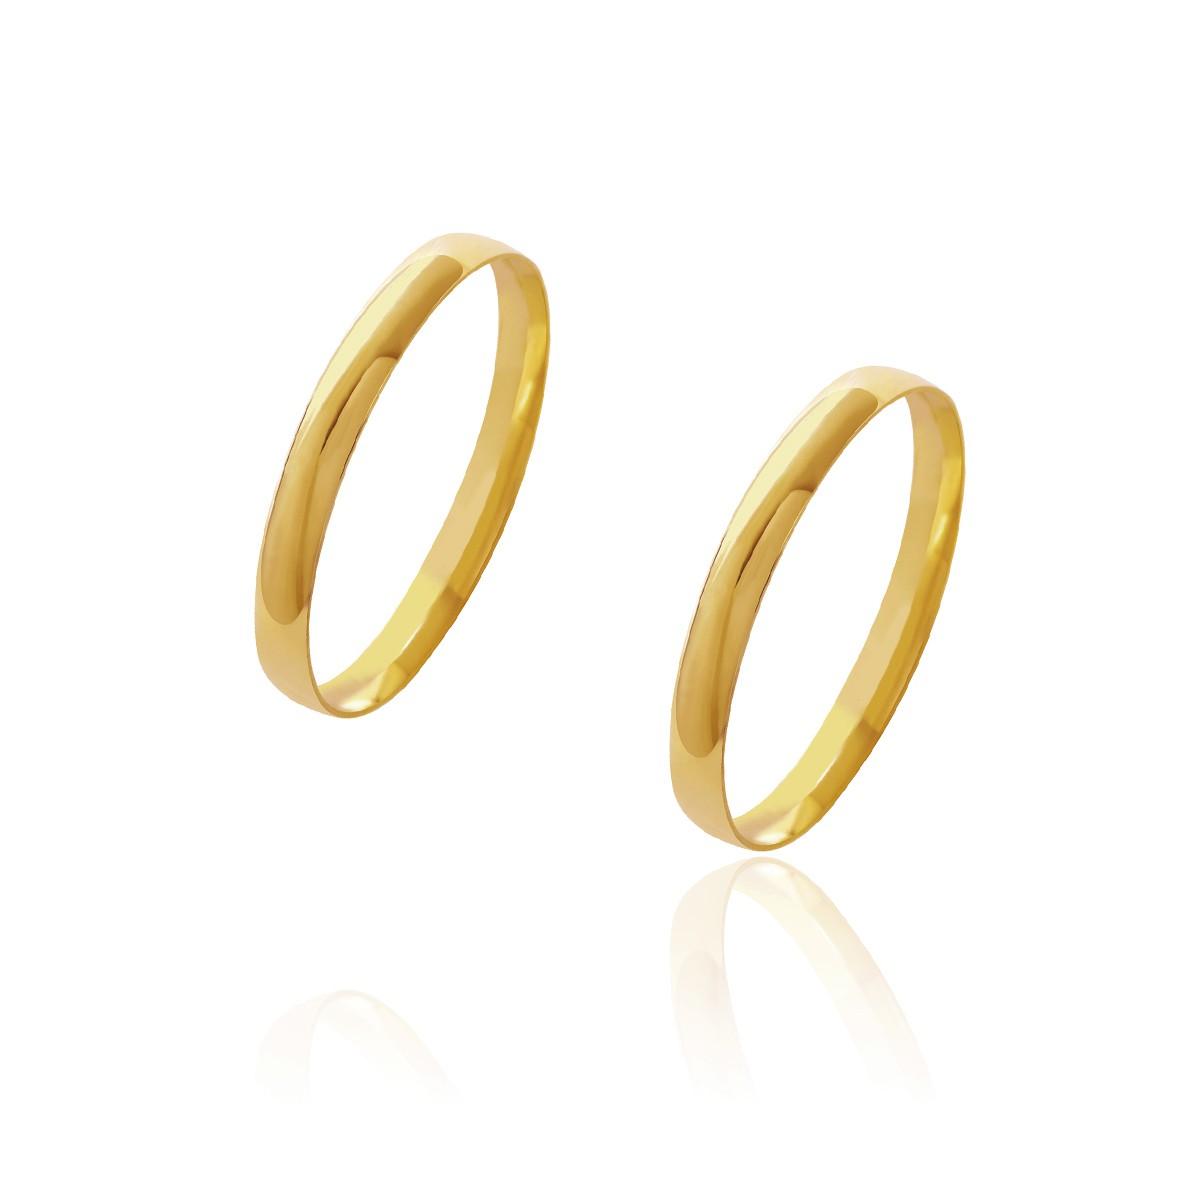 Par de Alianças de Casamento Diana Ouro Abaulada Lisa 2,2mm 2g